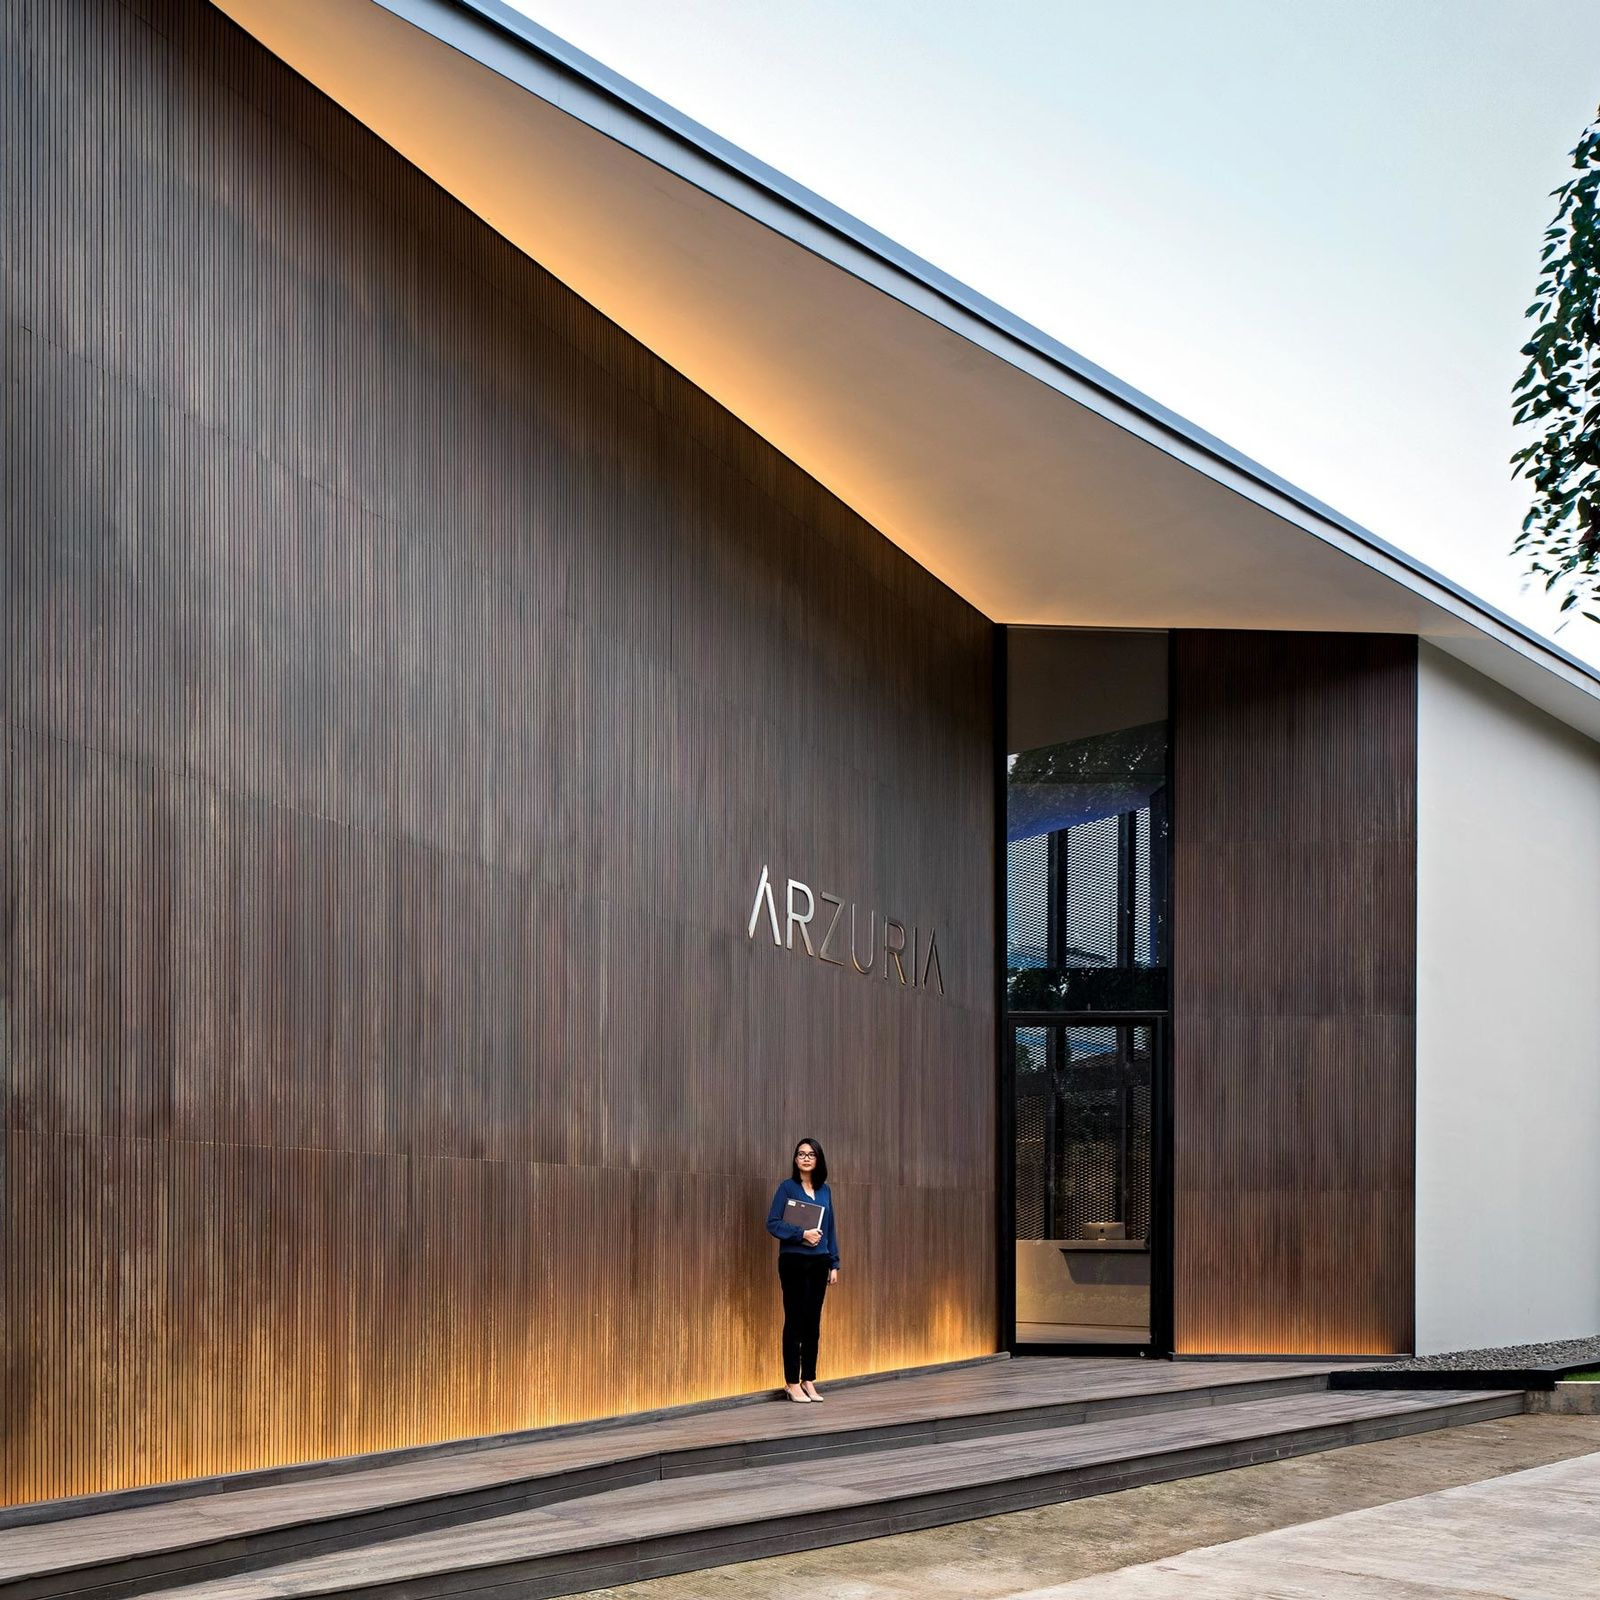 Ziegelhaus design außen arzuria showflat jakarta designed by scda singapore managed by